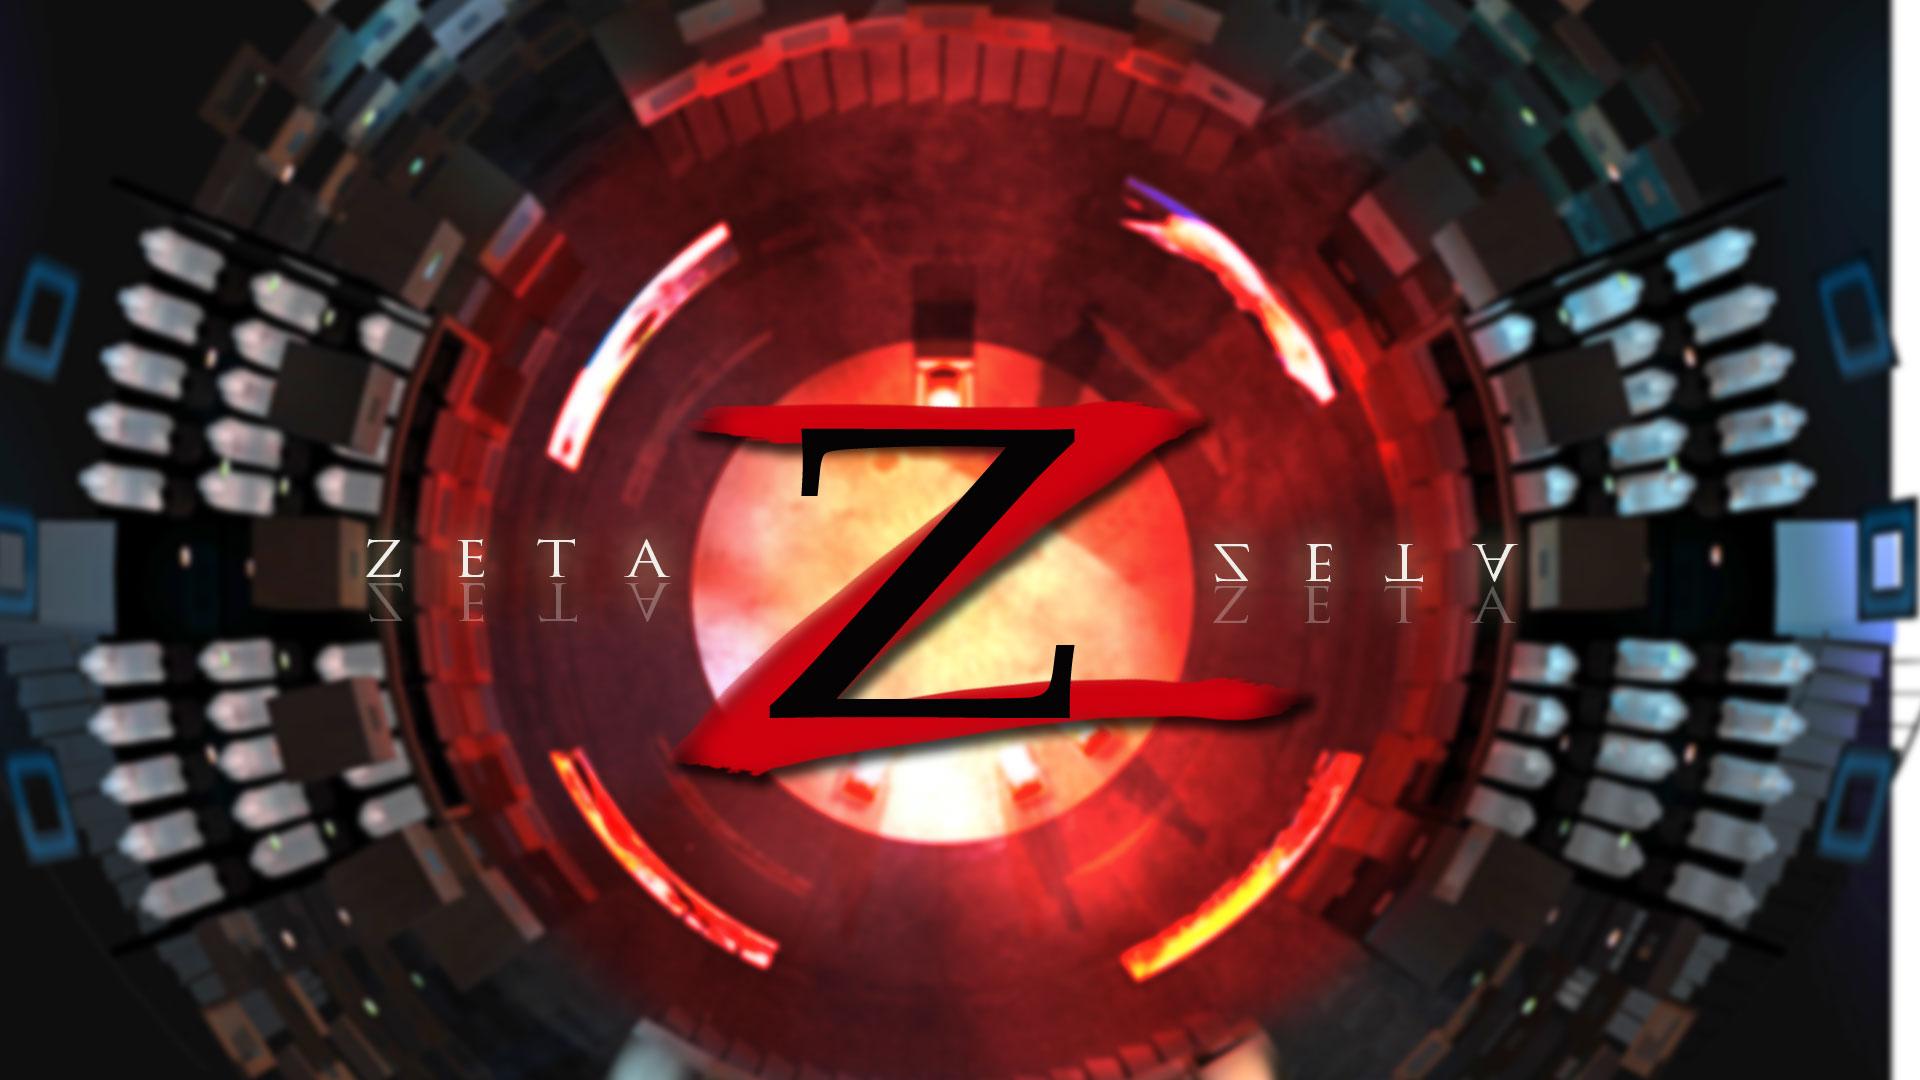 """Dal 25 gennaio su La7 va in onda """"Zeta"""", come l'orgia del potere"""